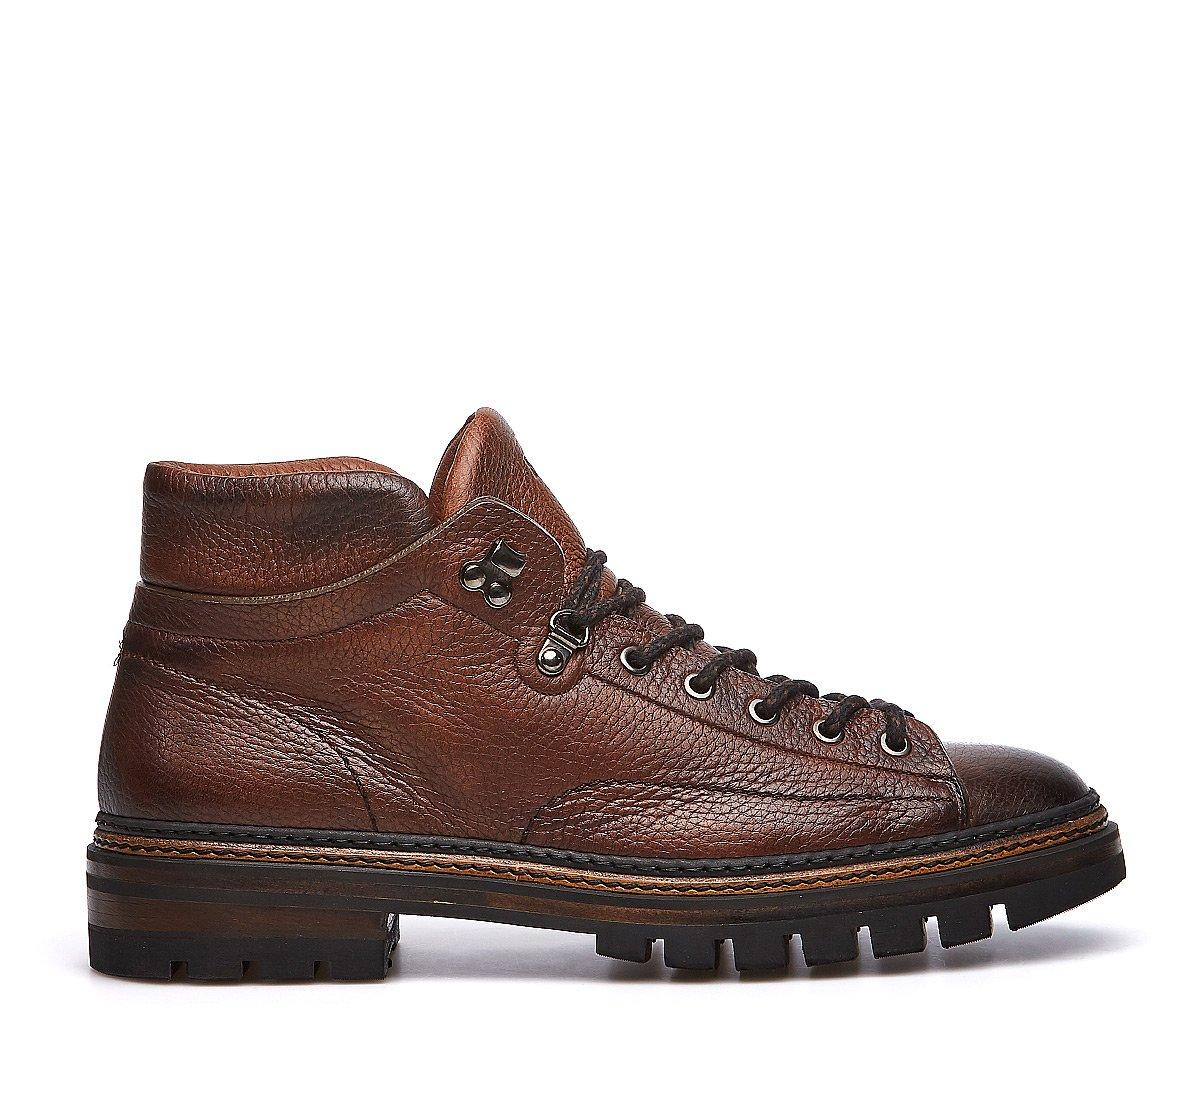 Ботинки из высококачественной оленьей кожи